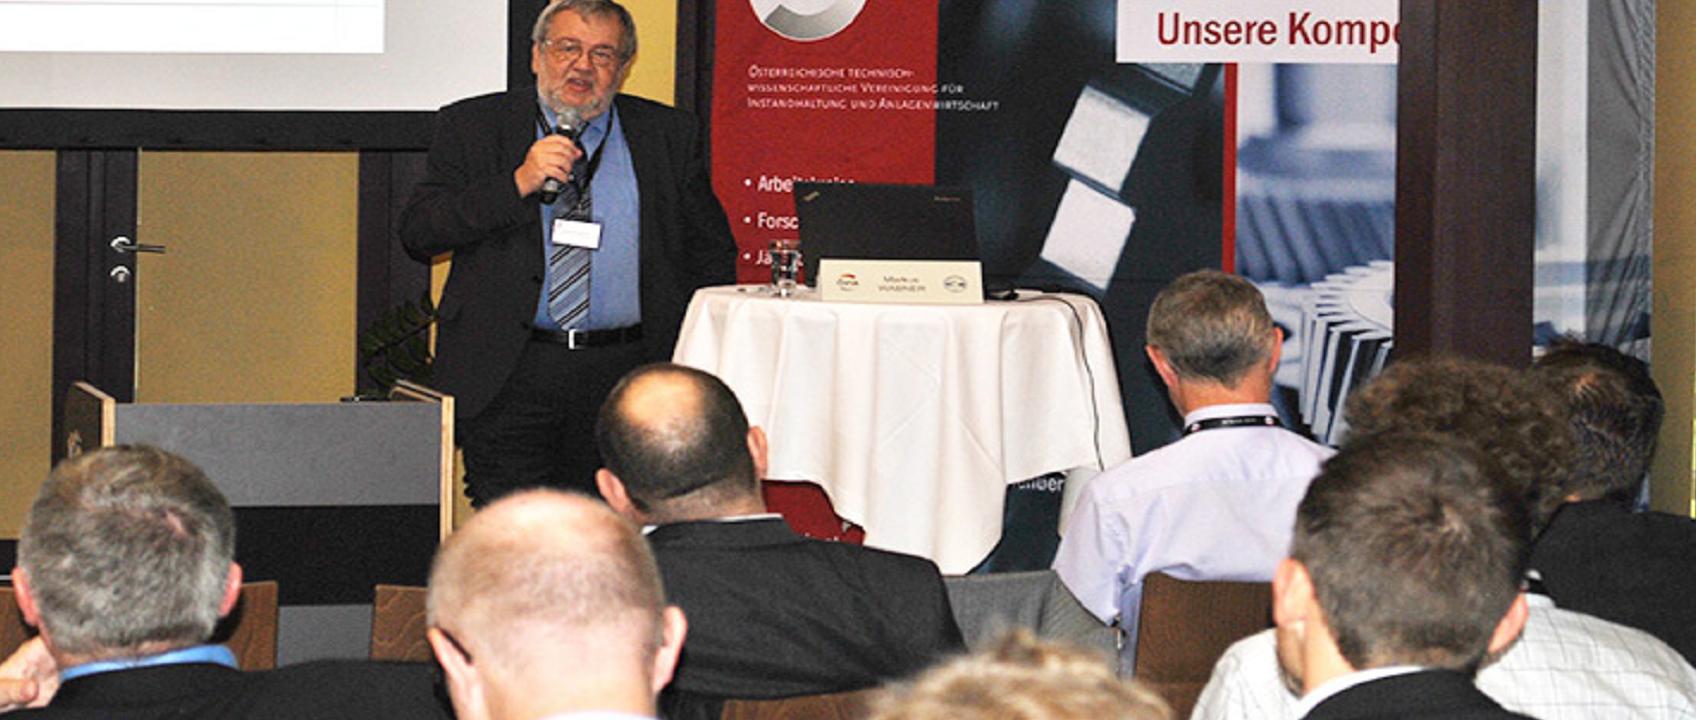 Friedrich Szukitsch bei der Moderation am ÖVIA-Kongress 2015 © ÖVIA